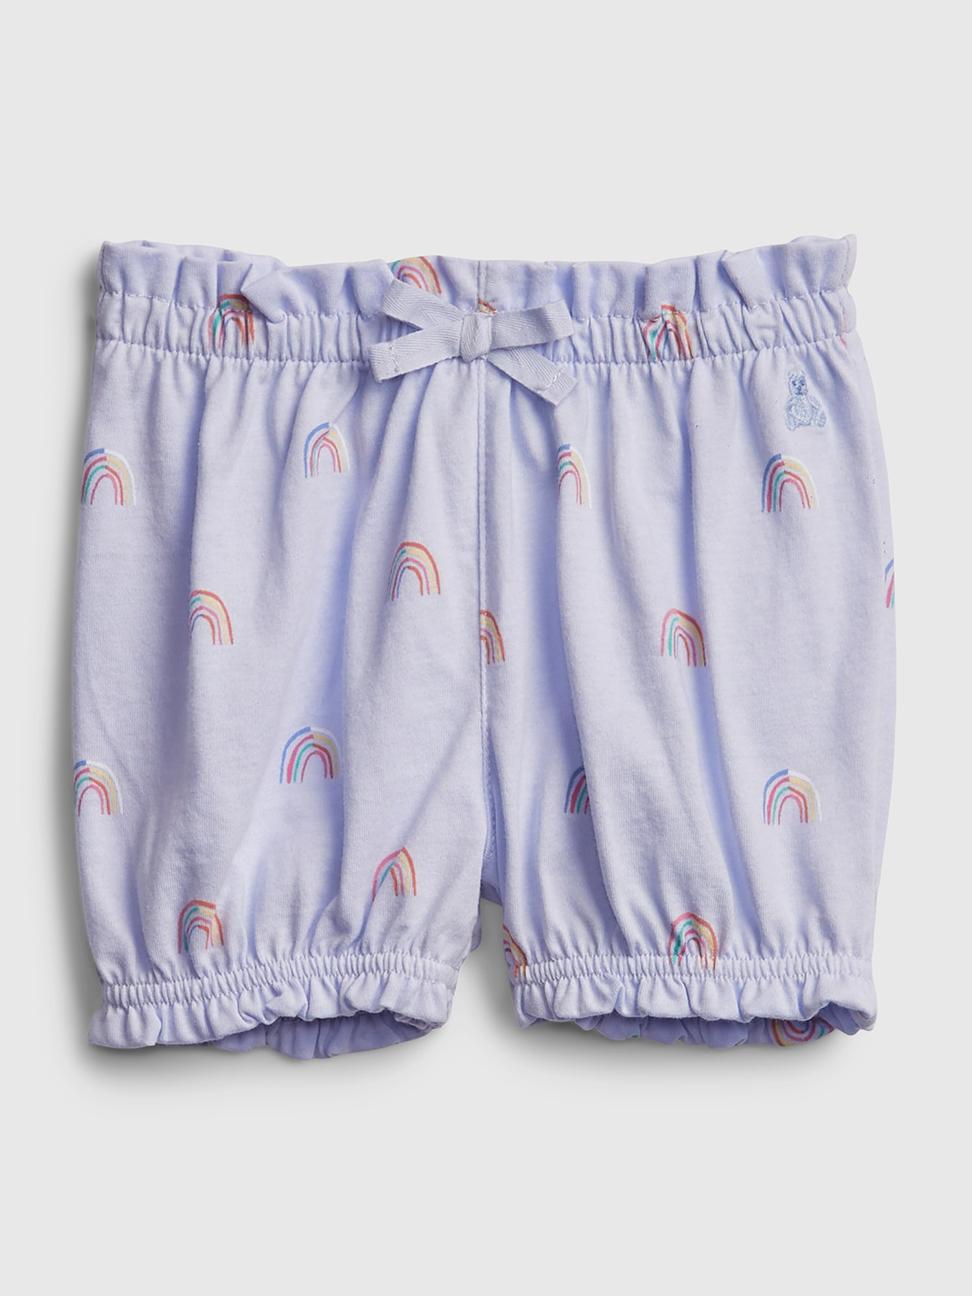 嬰兒 布萊納系列甜美印花純棉鬆緊短褲